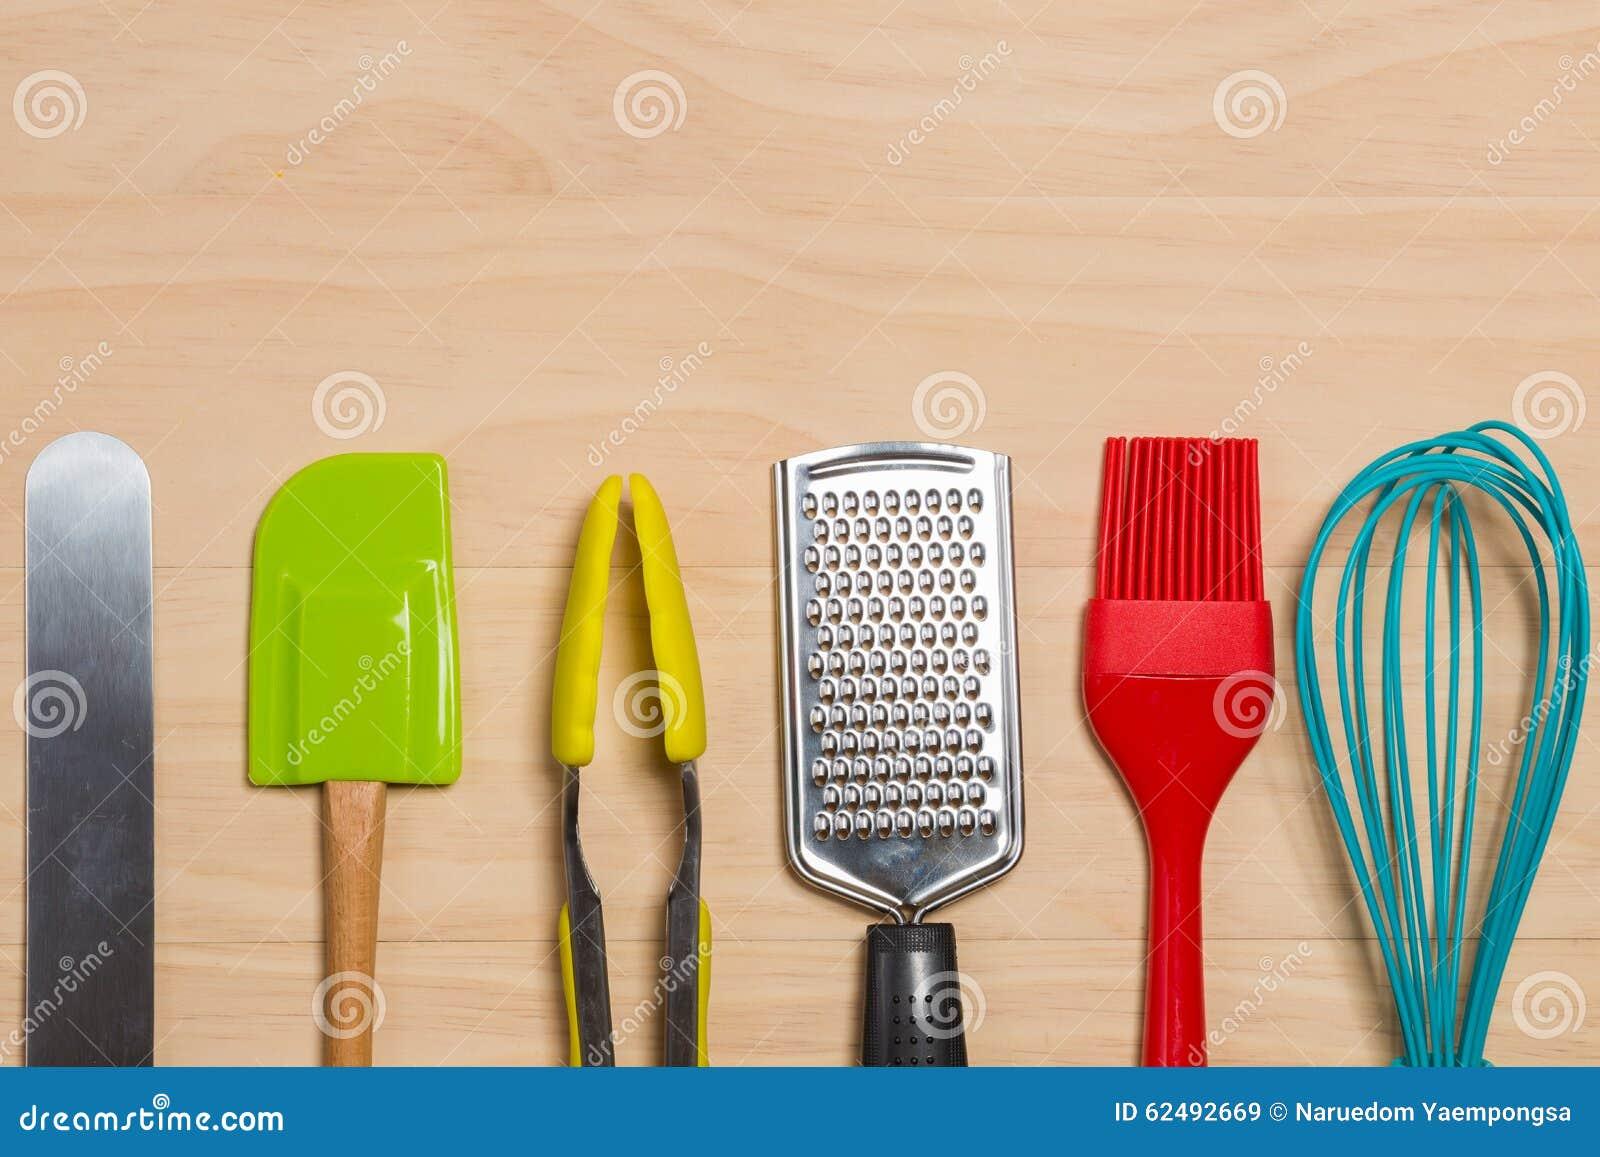 Charmant Küchenabluftöffnung Fotos - Ideen Für Die Küche Dekoration ...